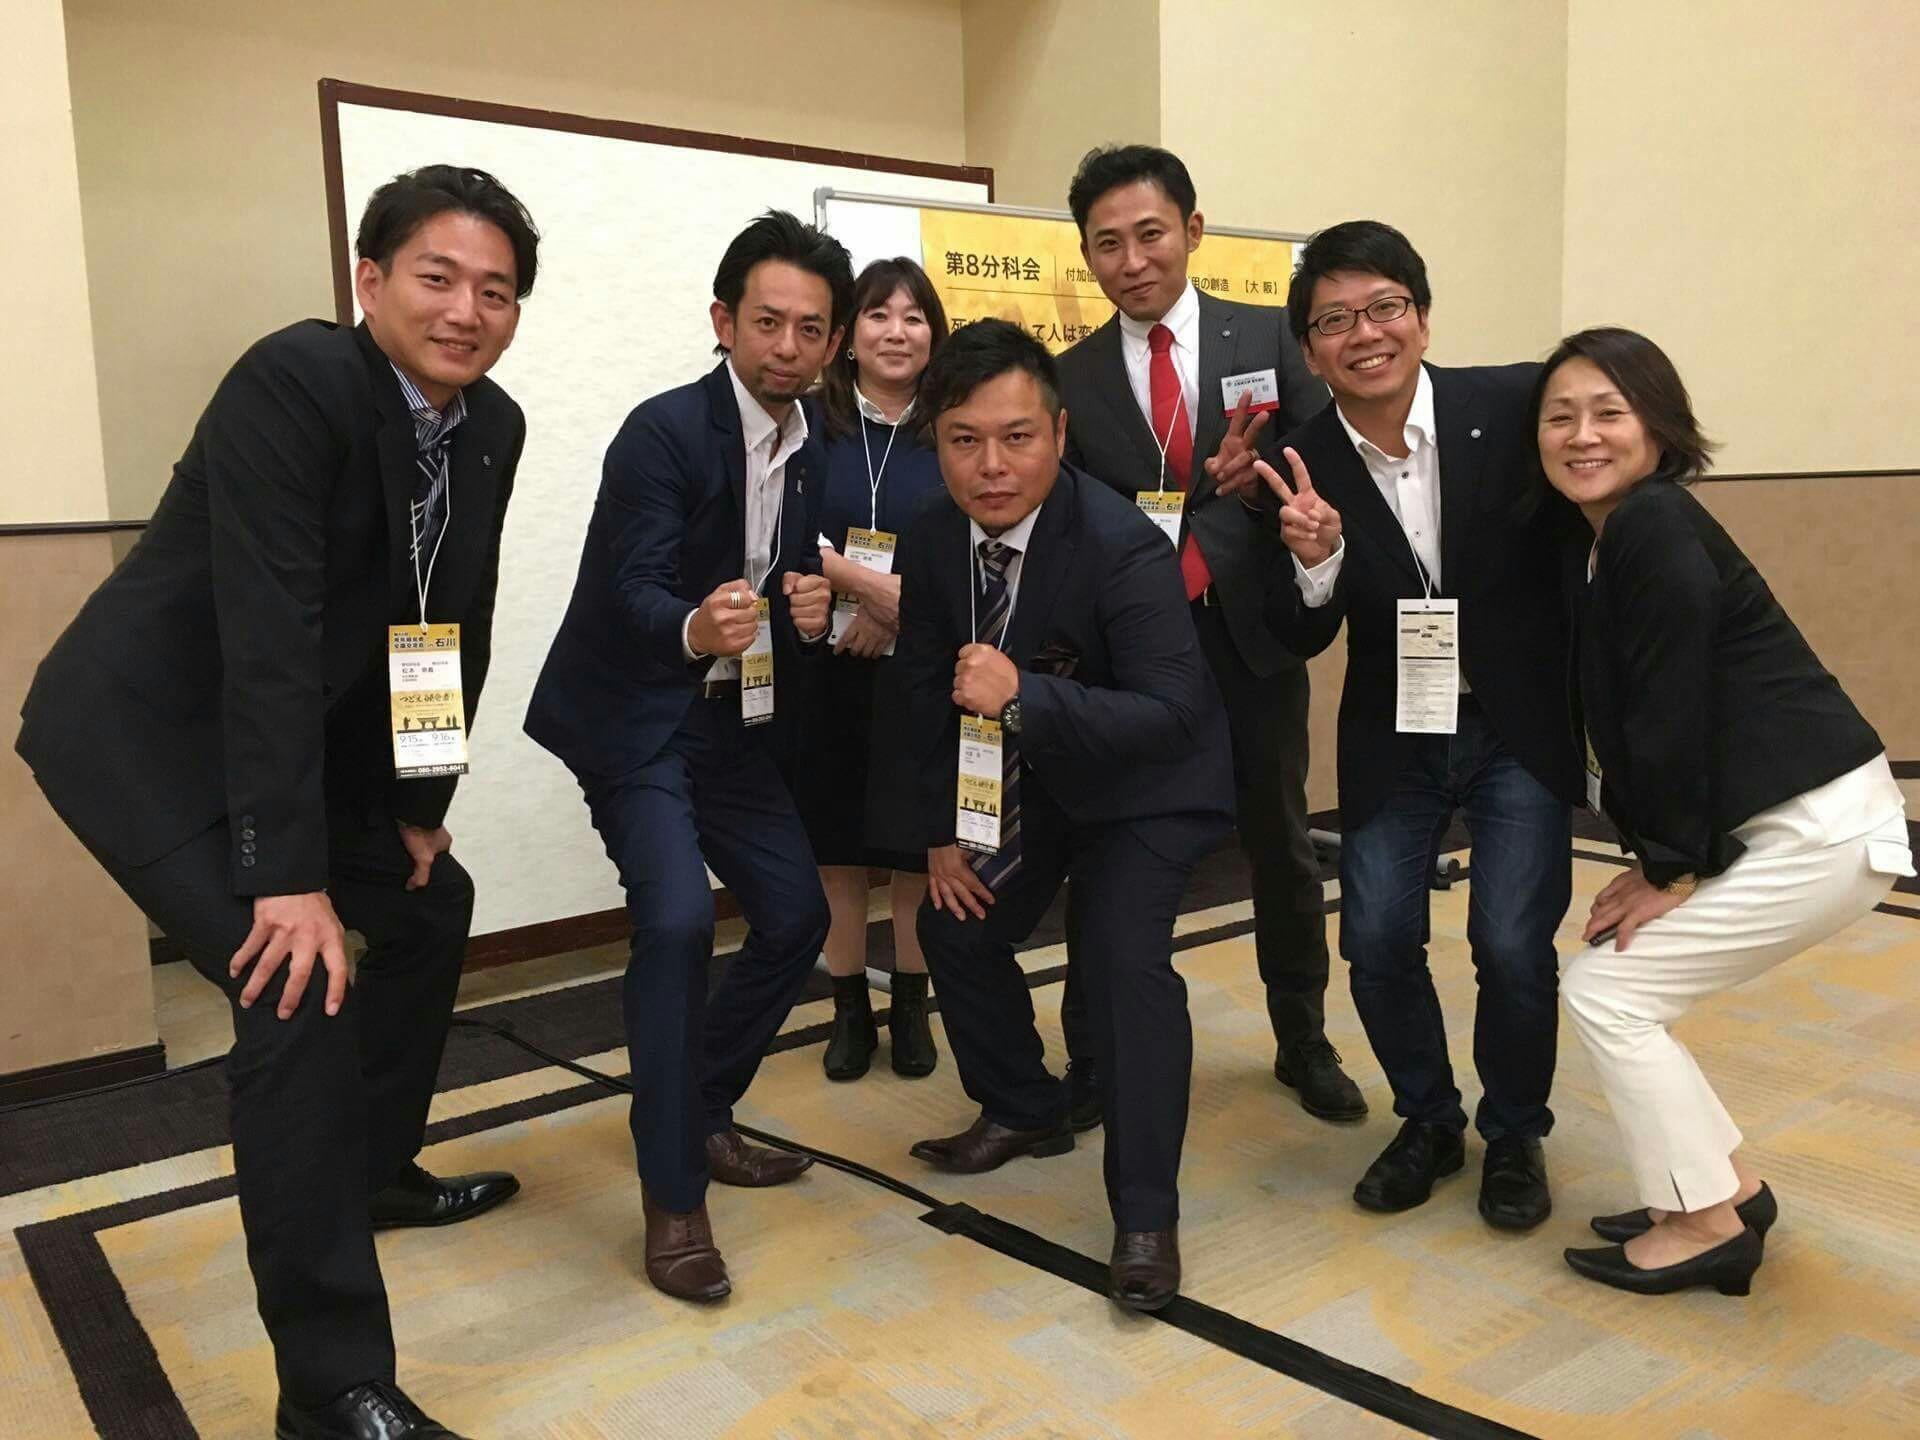 第44回青年経営者全国交流会in石川